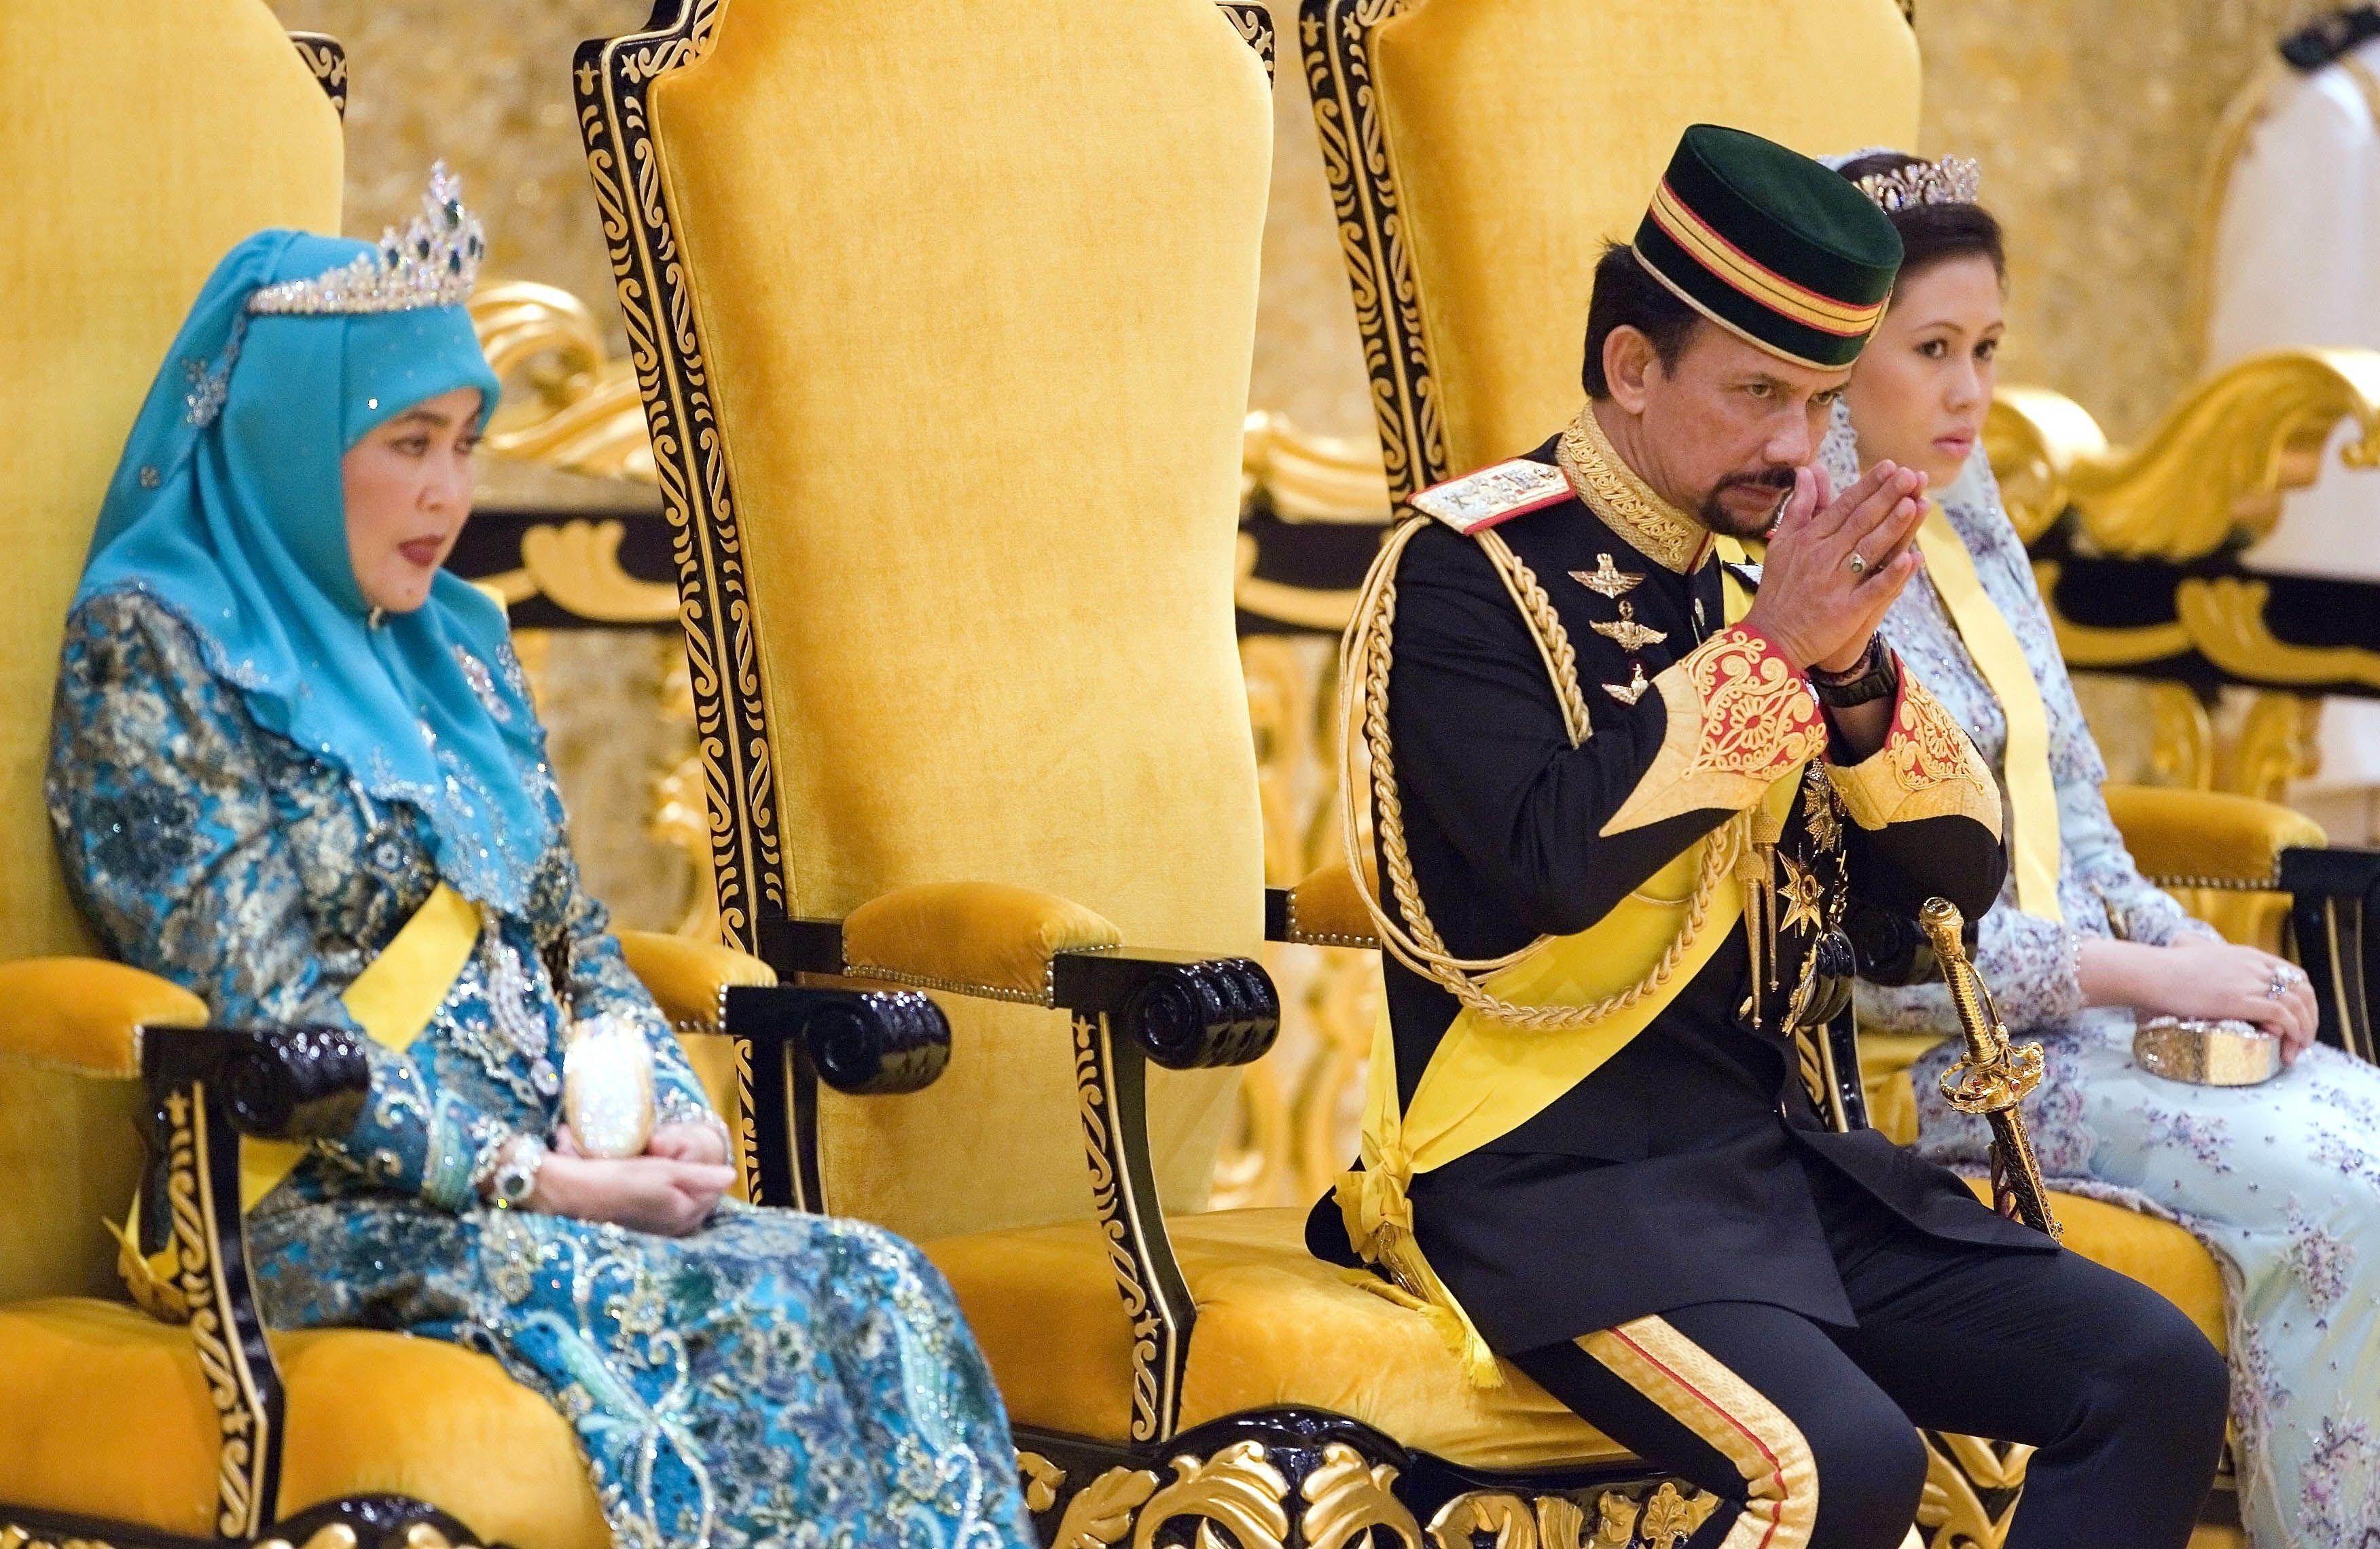 Хассанал Болкіах, султан Брунею